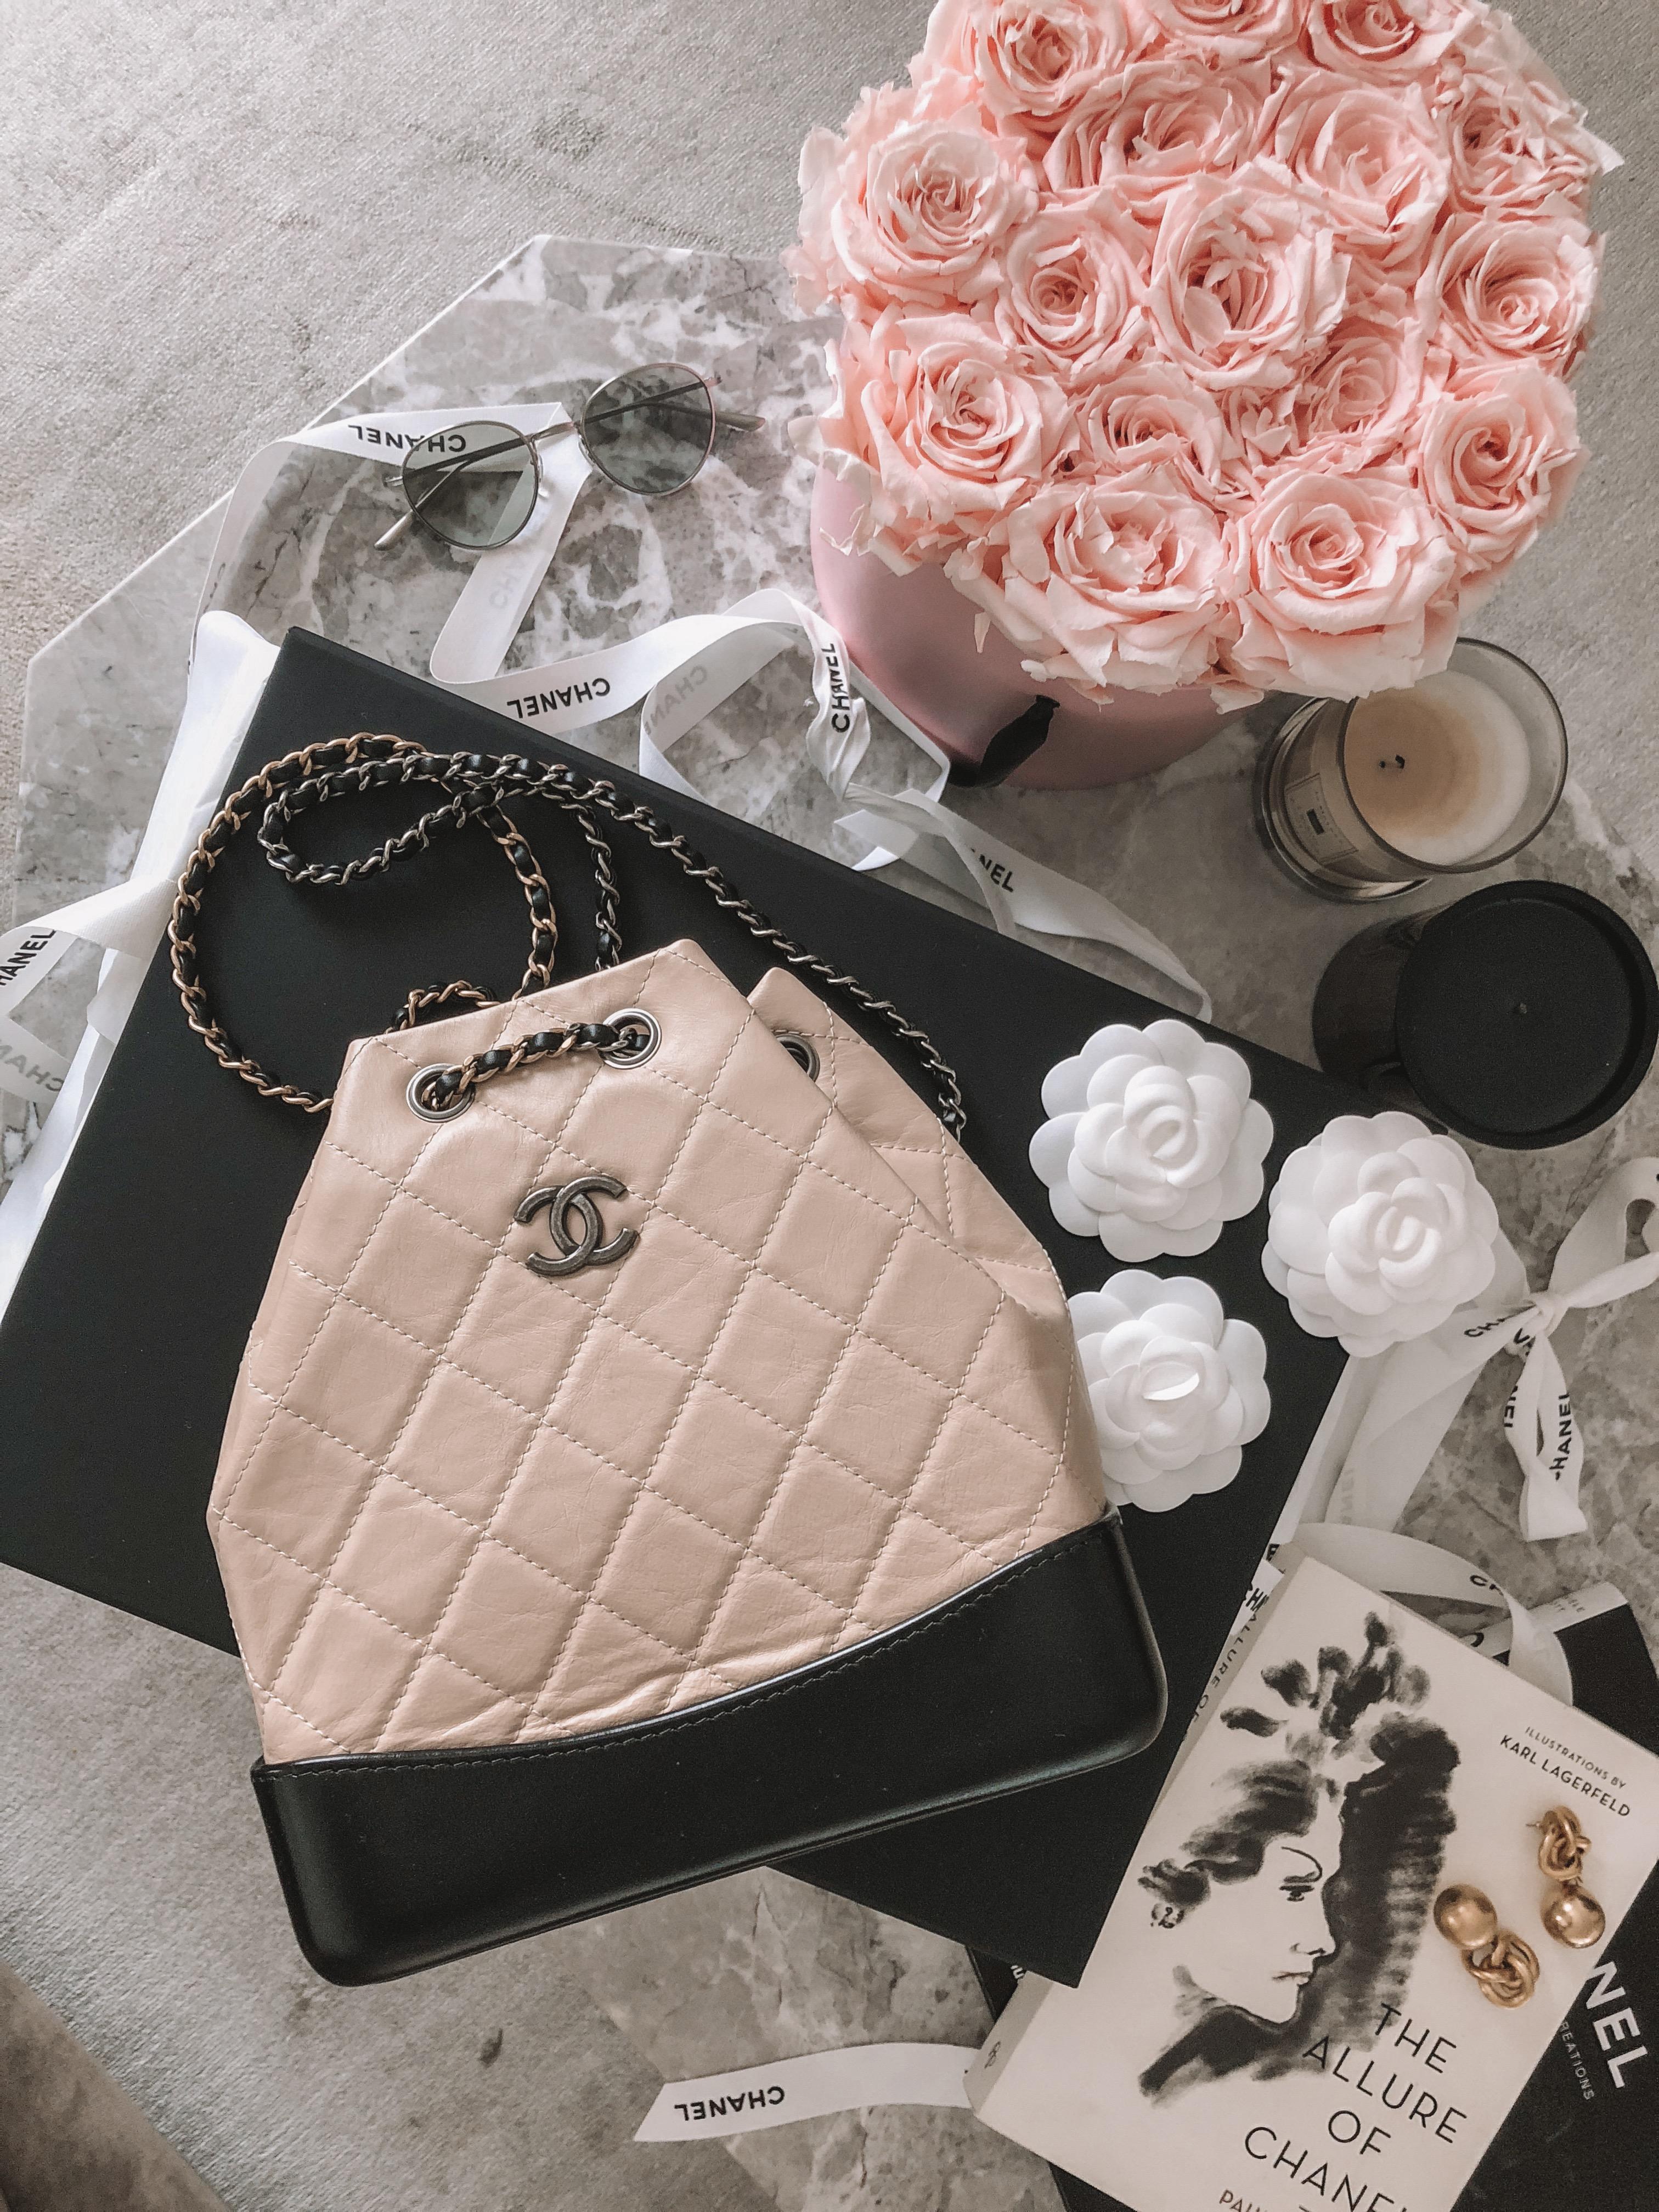 e9485b6d6e6b ... Of Your Designer Handbags. Next → · Luxury fashion blogger Shloka  Narang of The Silk Sneaker shares her 3 top tips for taking